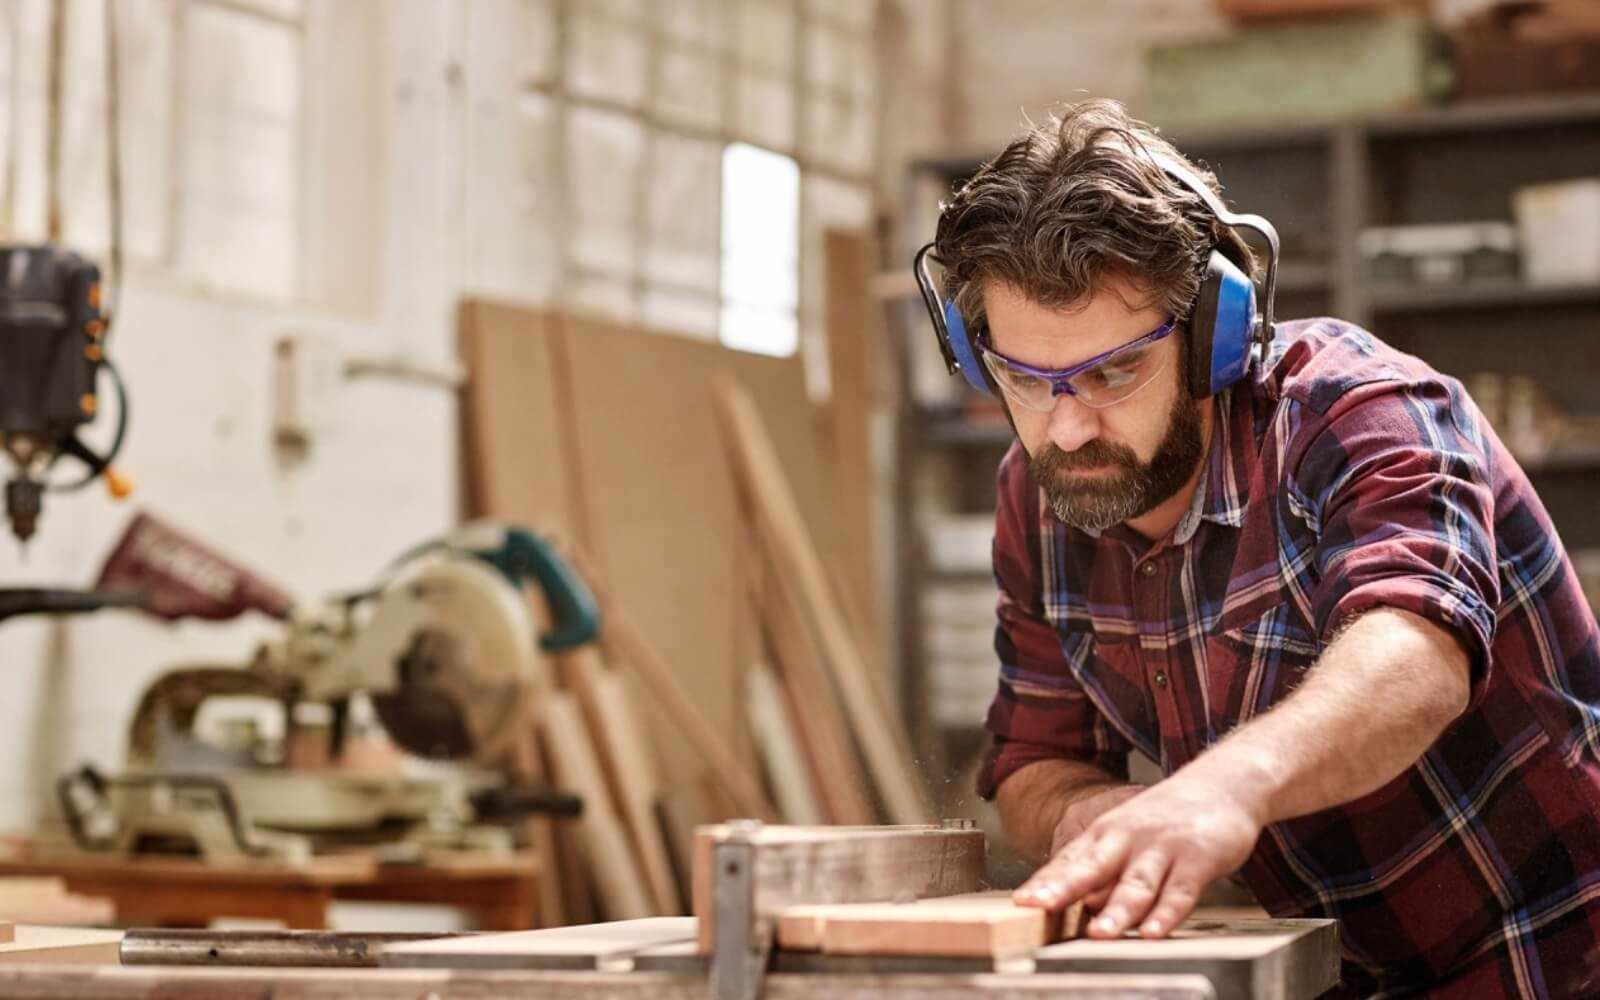 Столяр - мастер, работающий с деревом, создающий изделия из дерева